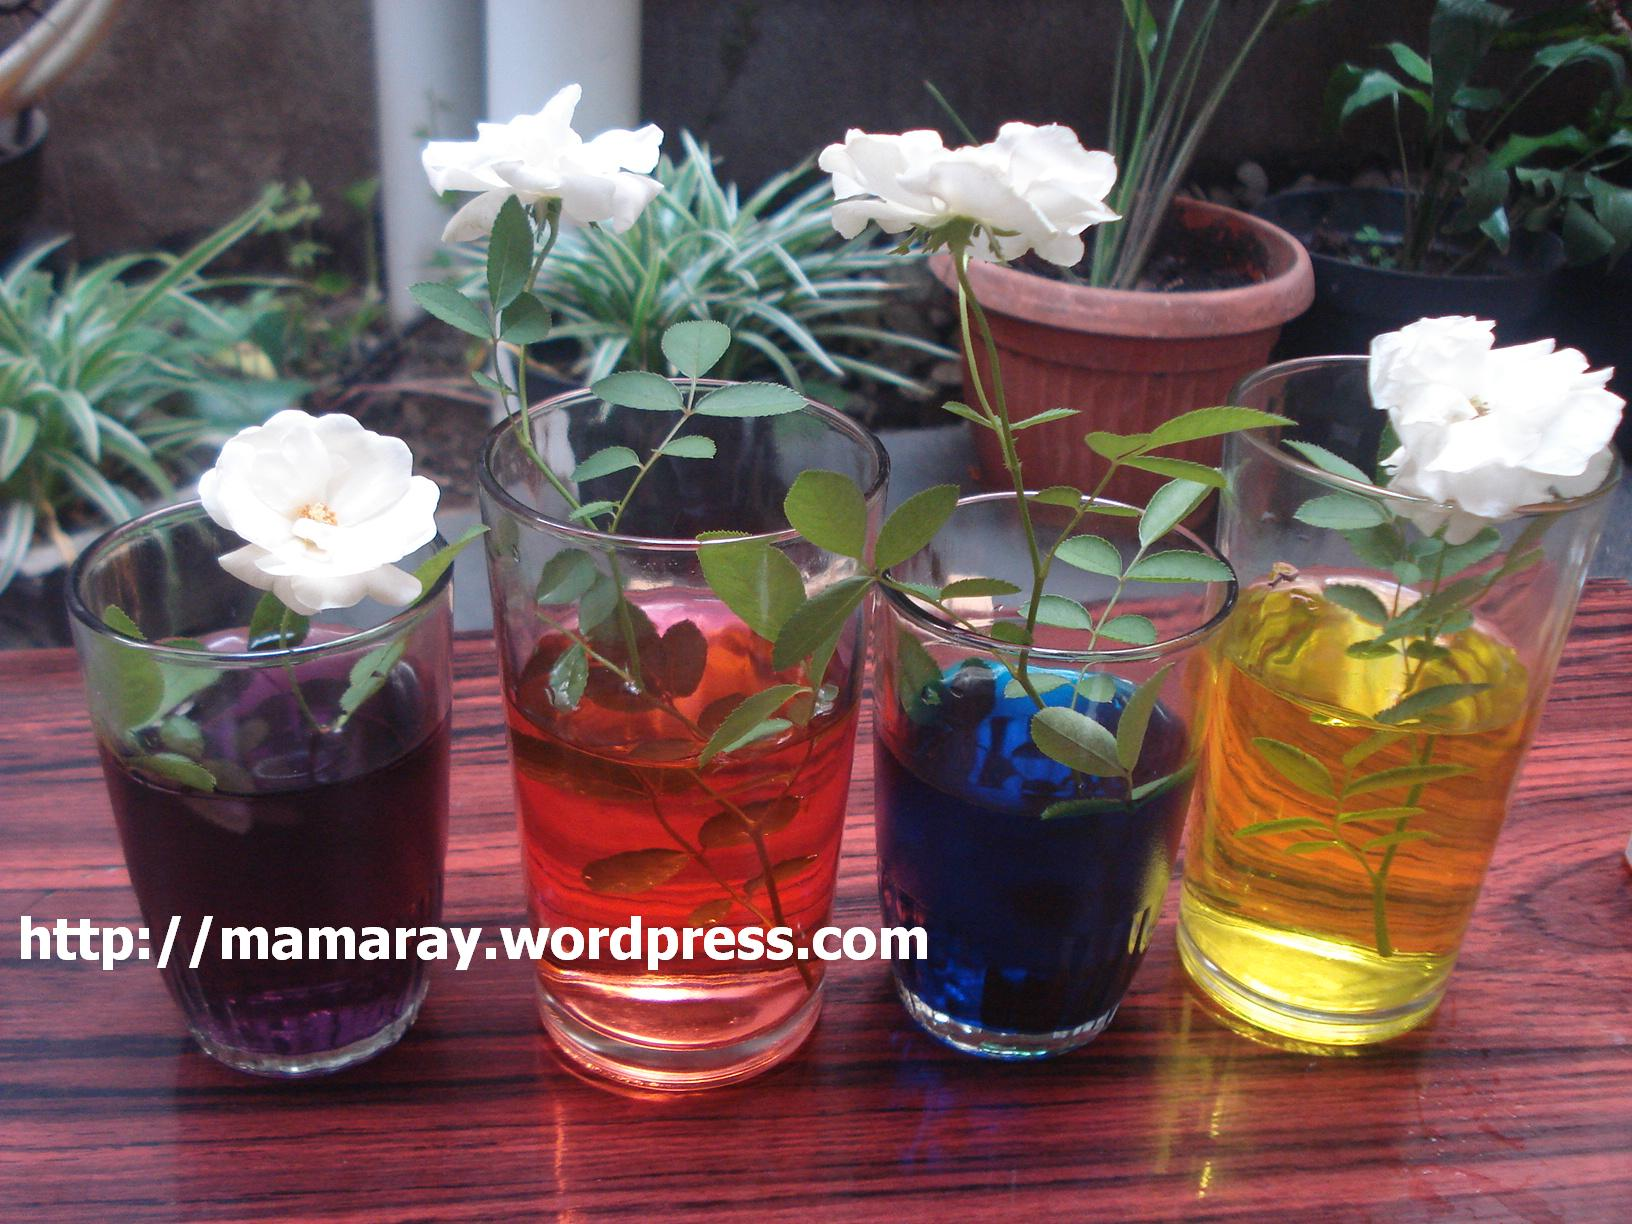 Percobaan Membuat Bunga Berwarna Warni Mamarays Blog